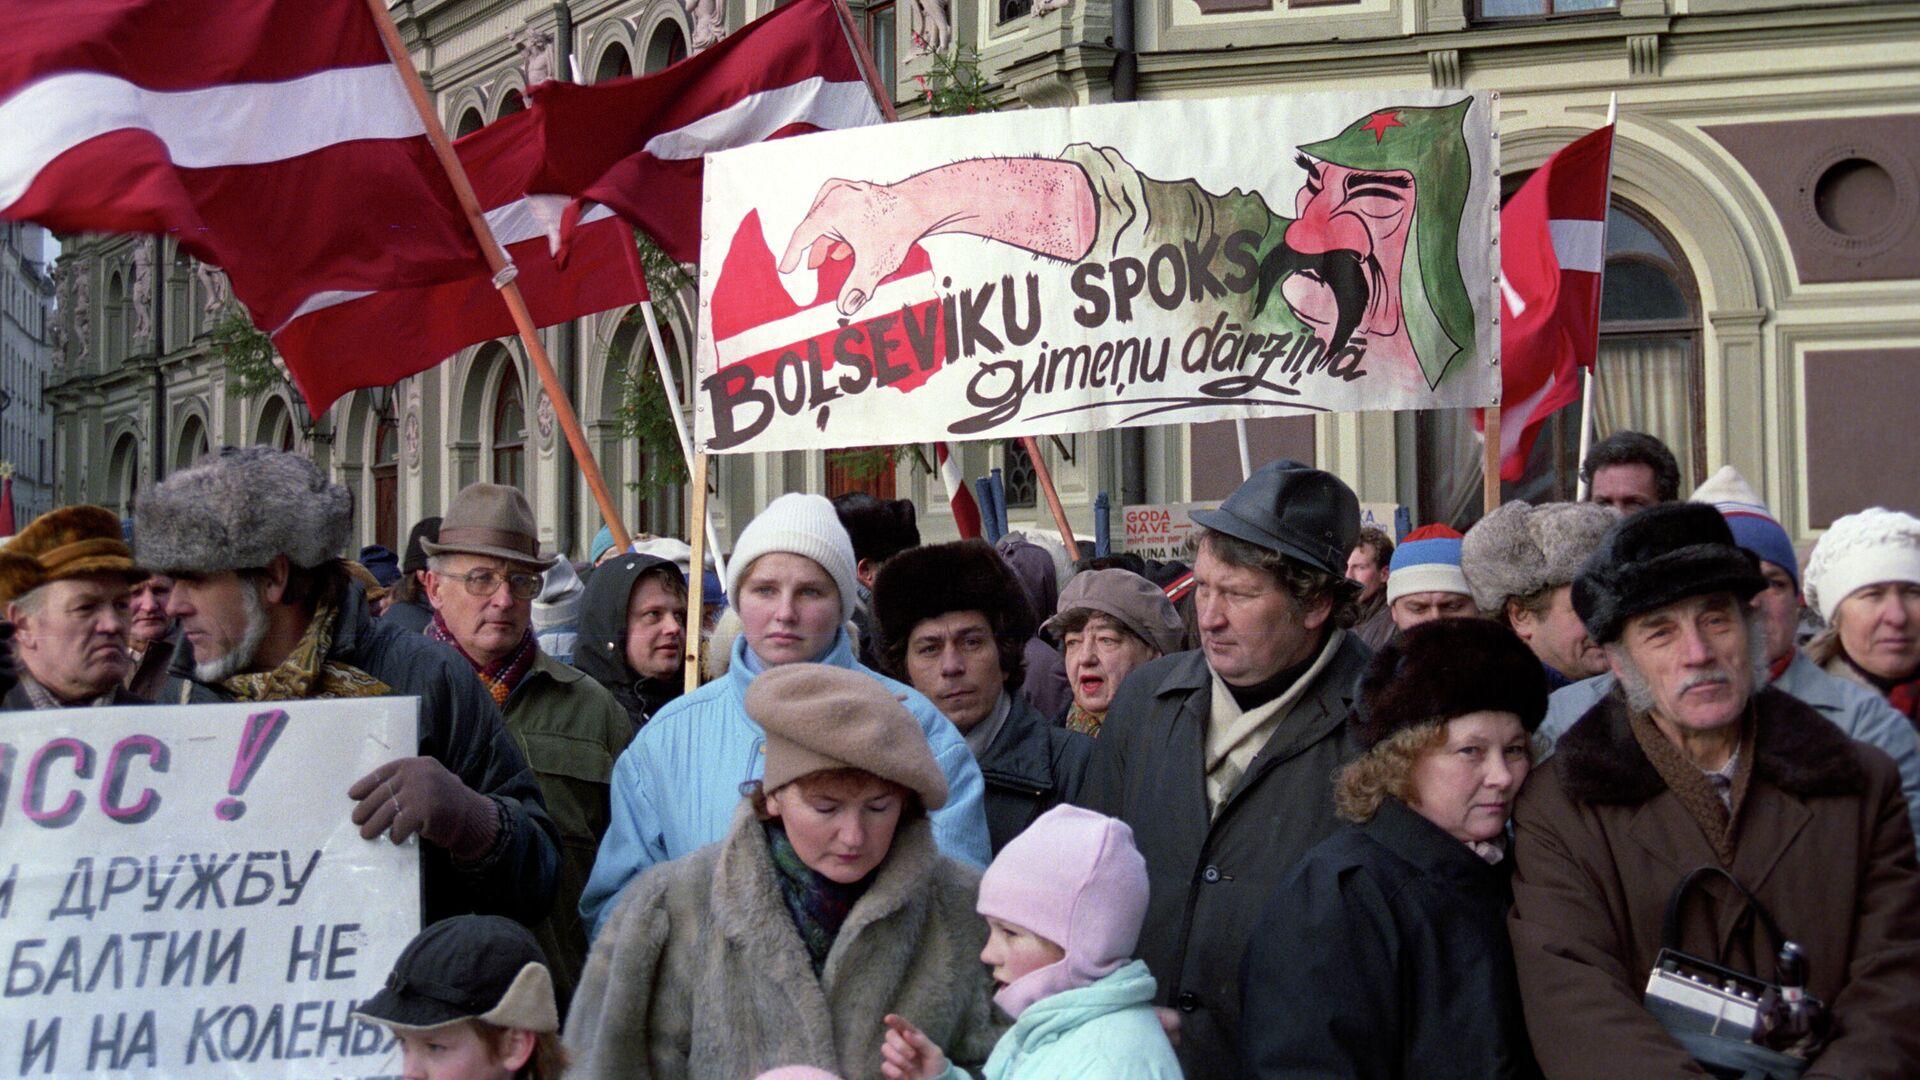 Митинг, организованный Народным фронтом Латвии против военных действий в Вильнюсе 13 января 1991 года - РИА Новости, 1920, 03.07.2021